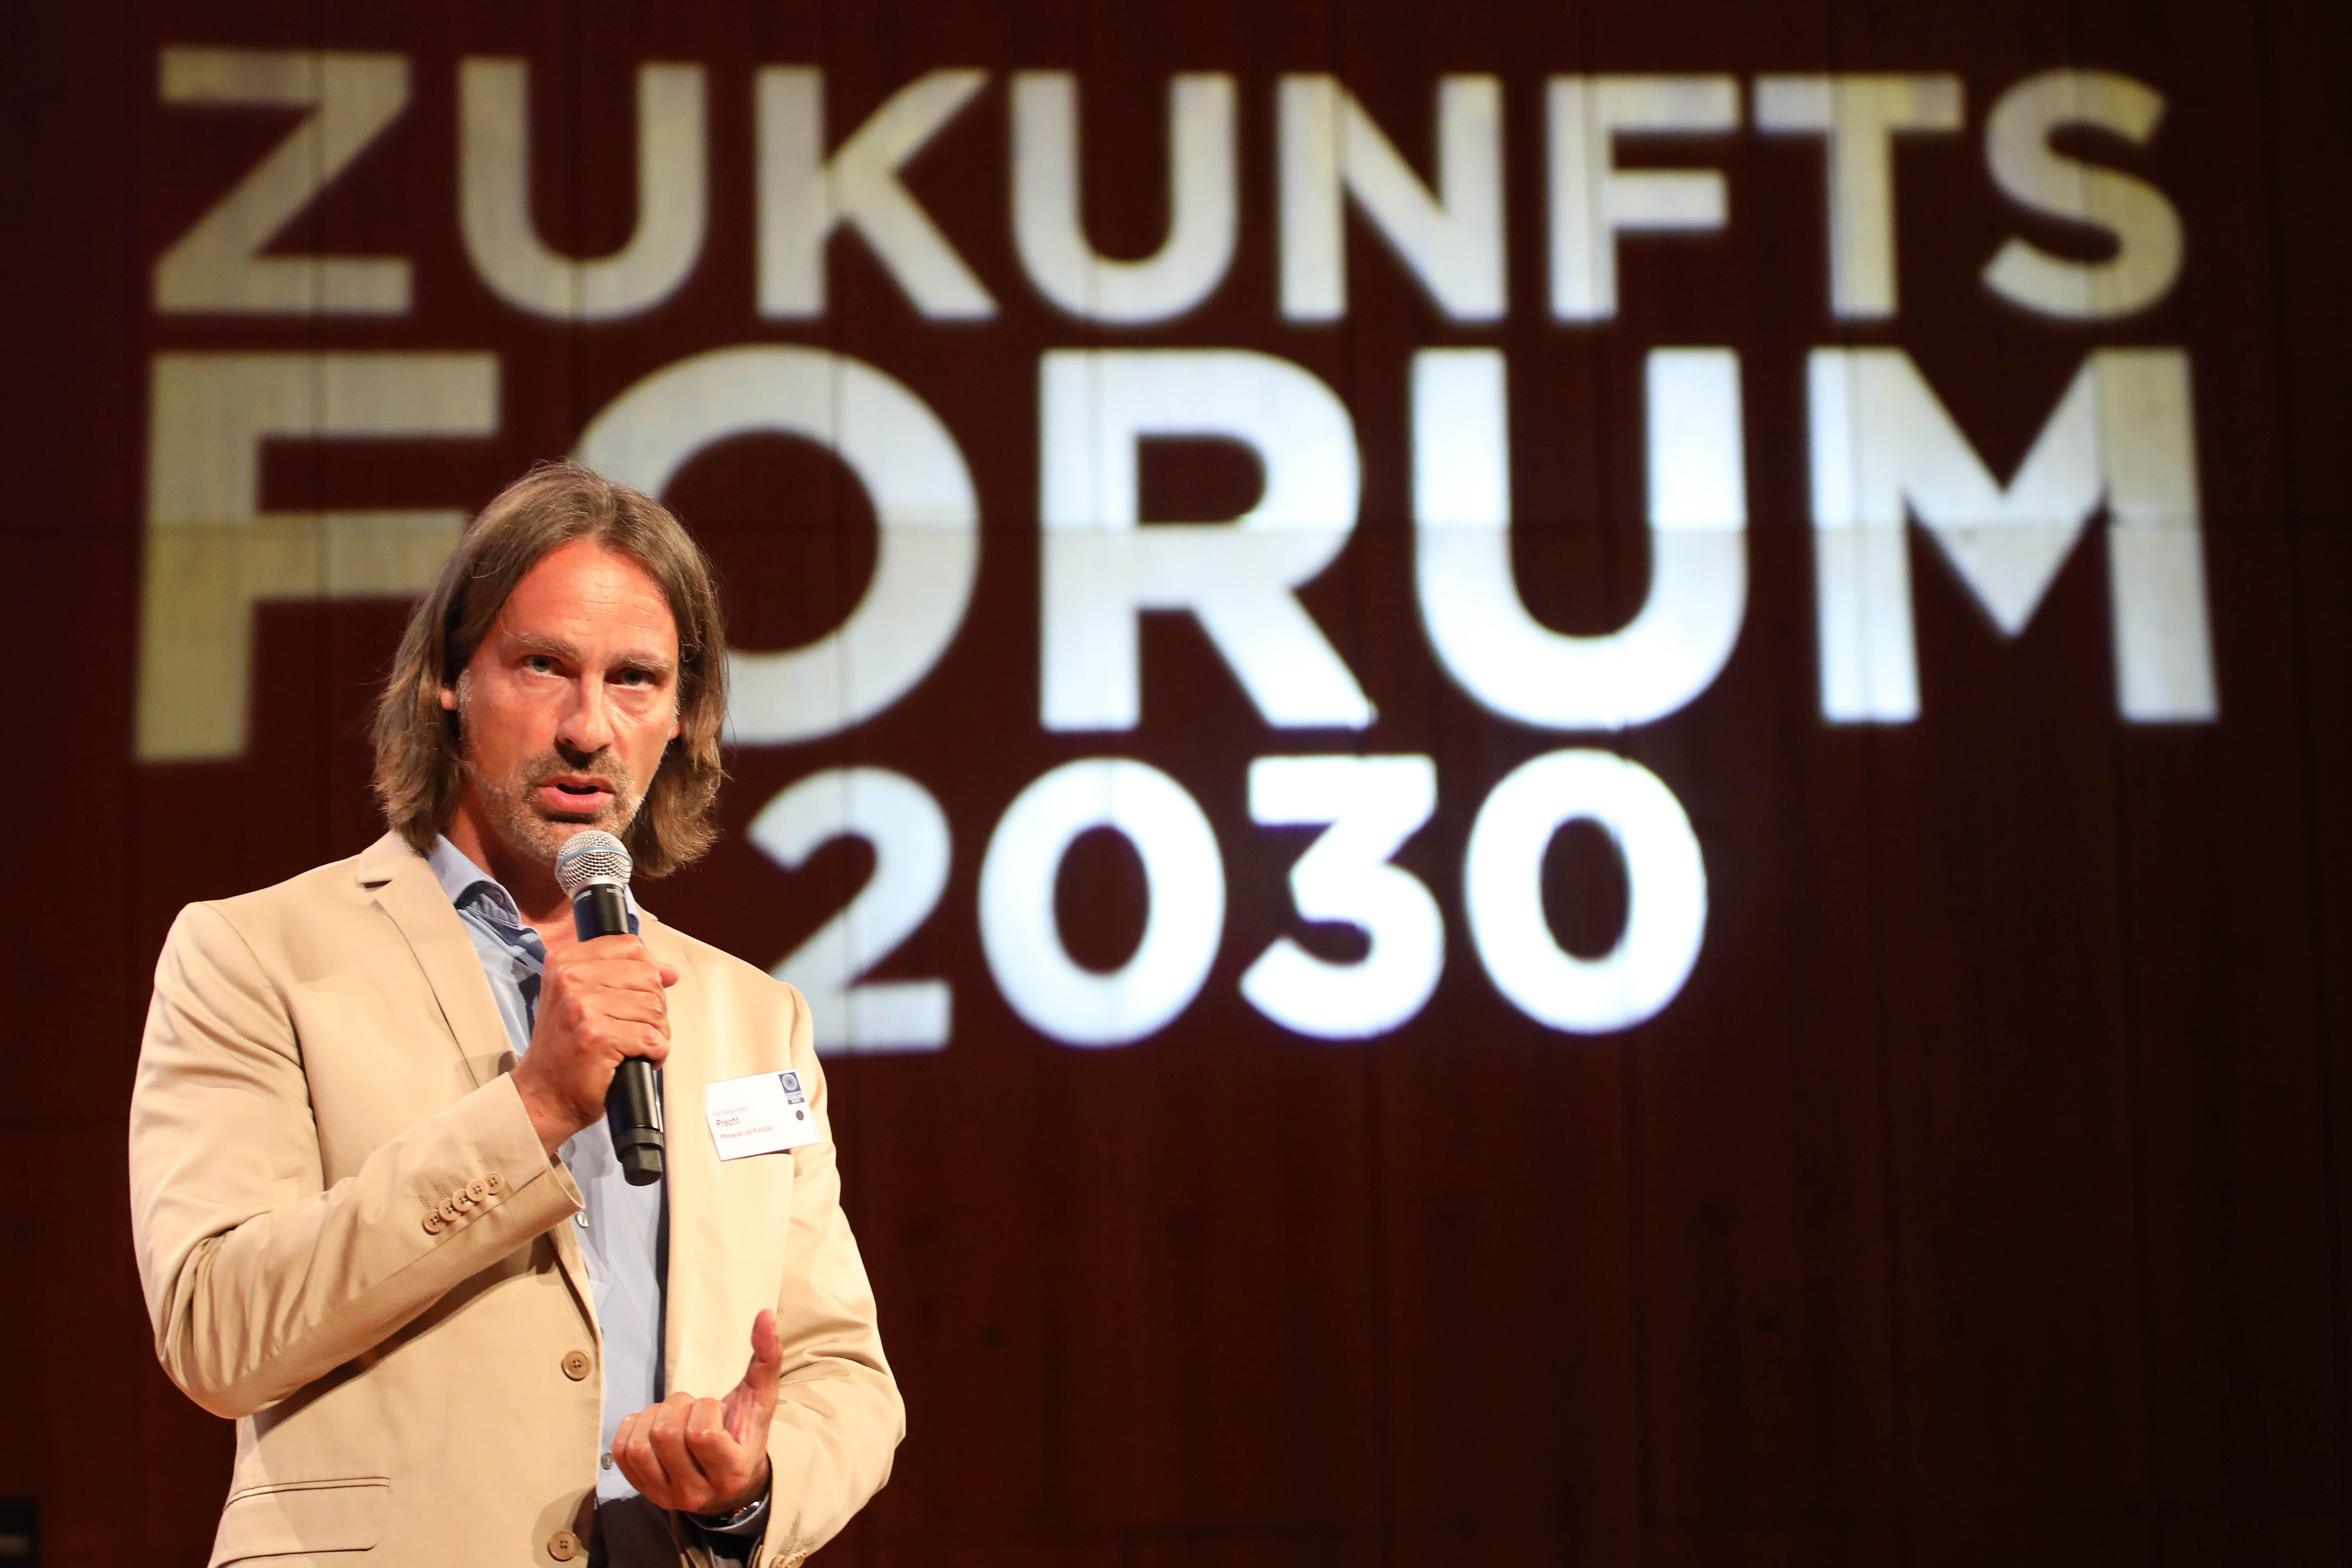 Zukunftsforum 2030